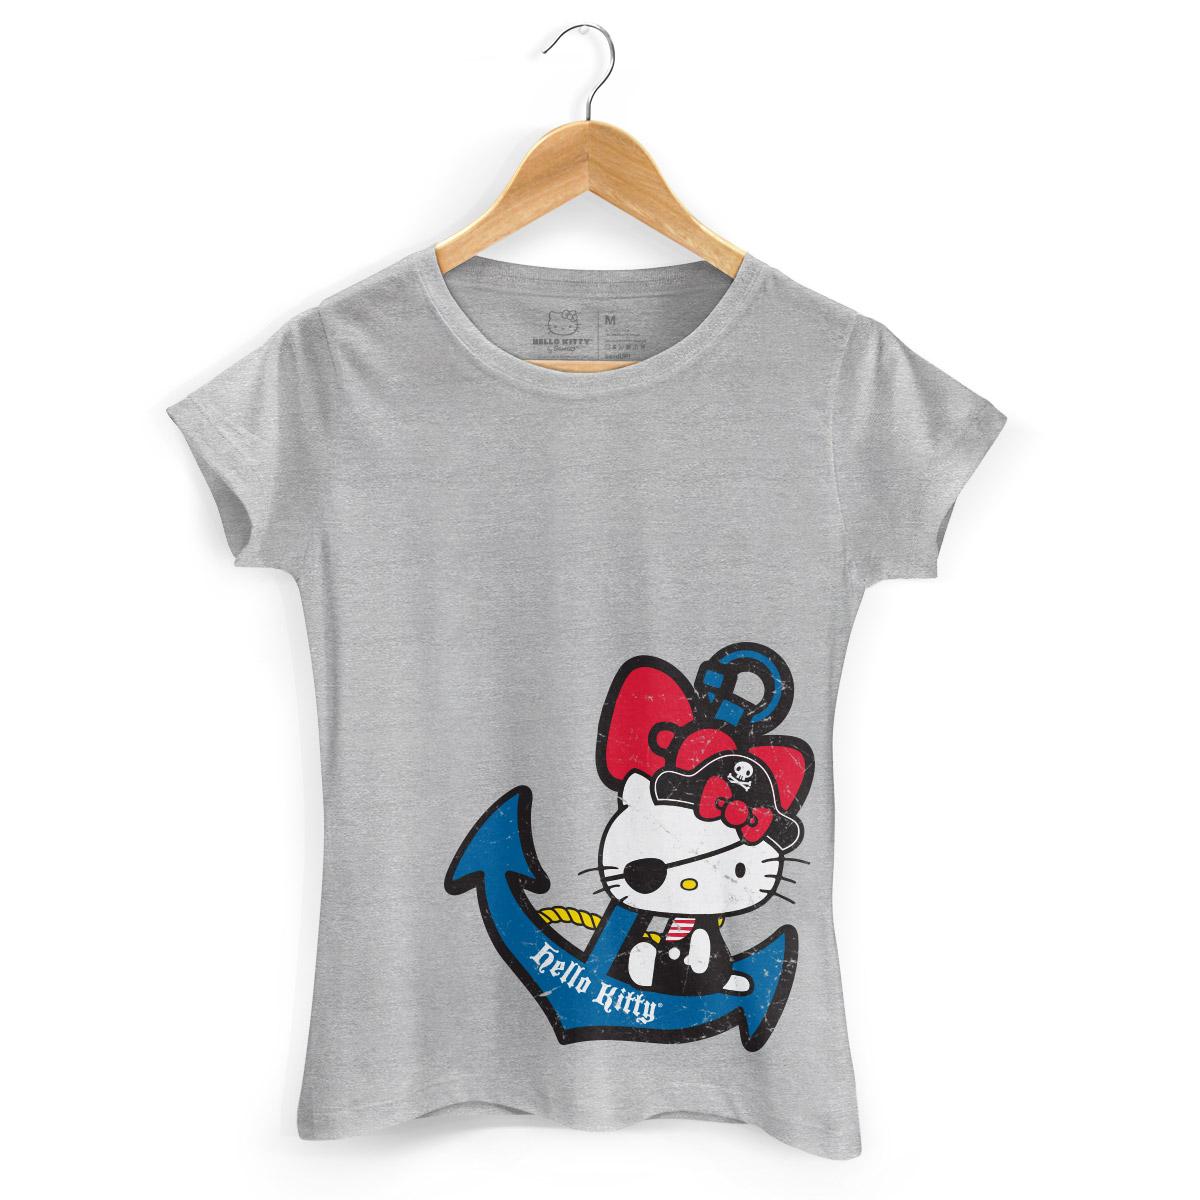 Camiseta Hello Kitty Pirate 2